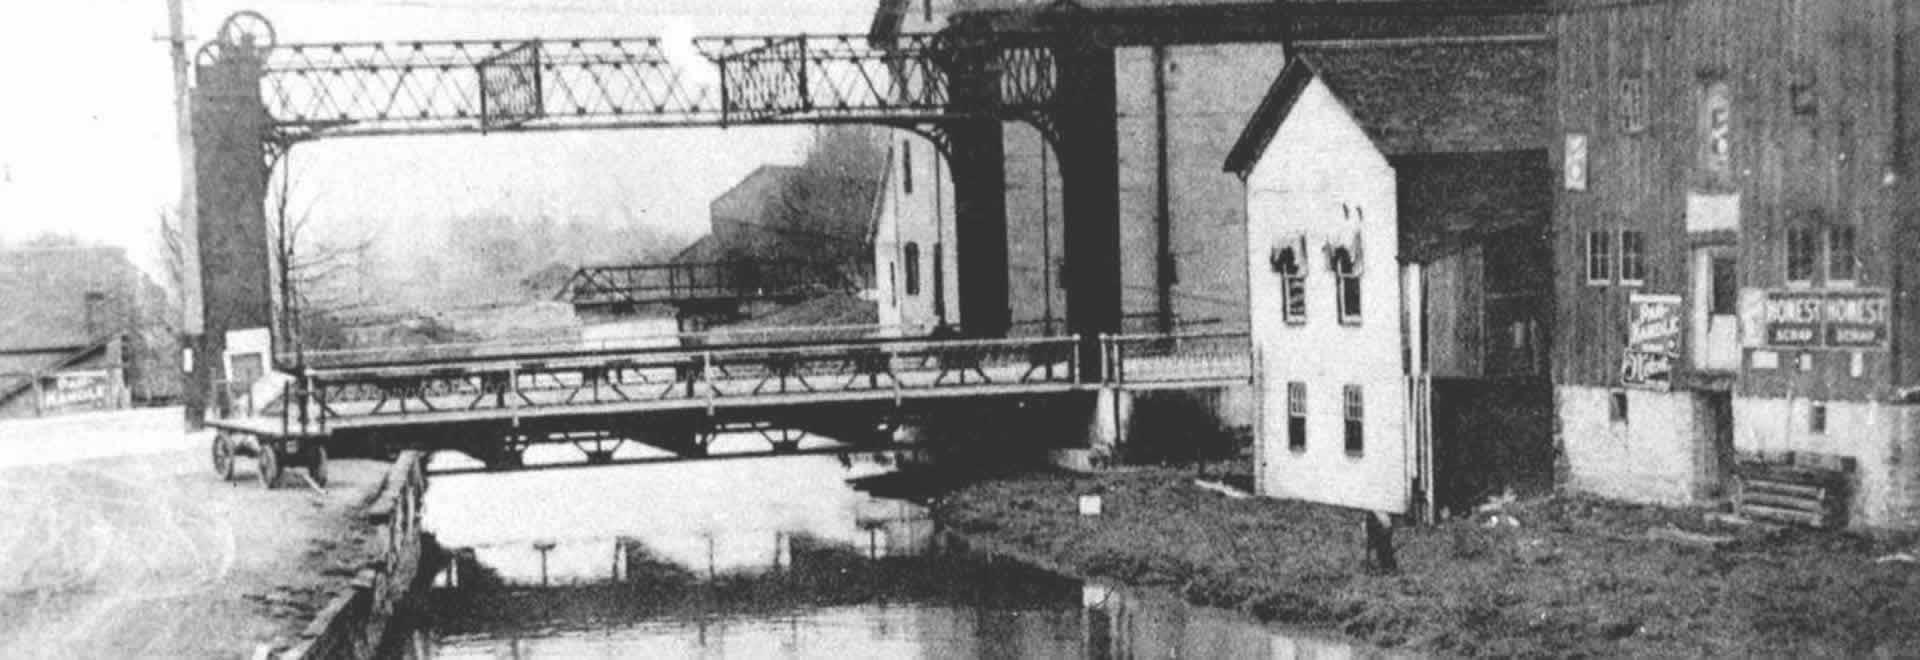 The Miami Erie Canal, New Bremen, Ohio.